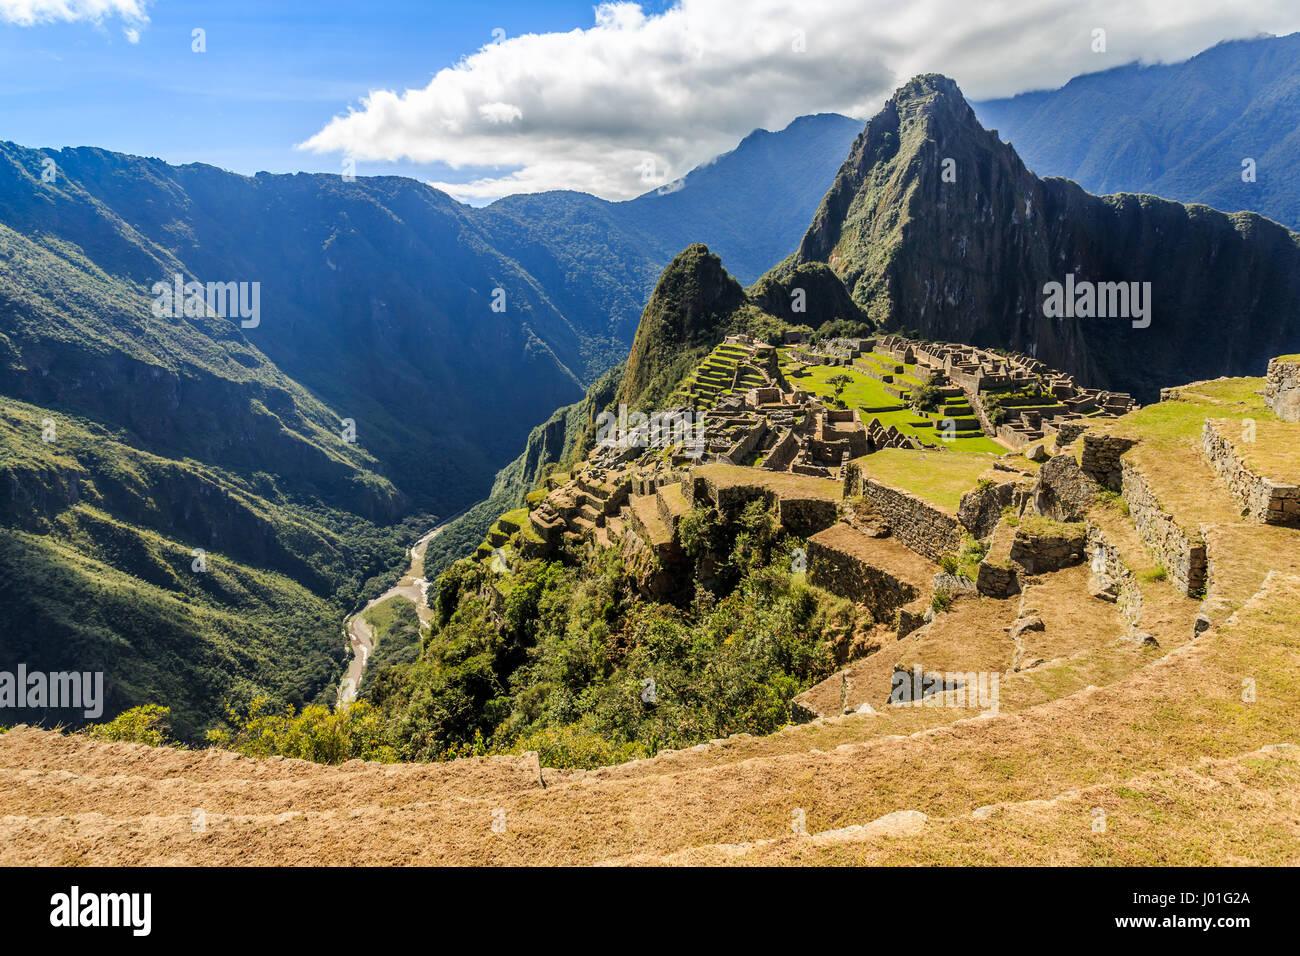 Vista desde la parte superior a antiguas ruinas incas y Wayna Picchu, Machu Picchu, Urubamba provnce, Perú Imagen De Stock